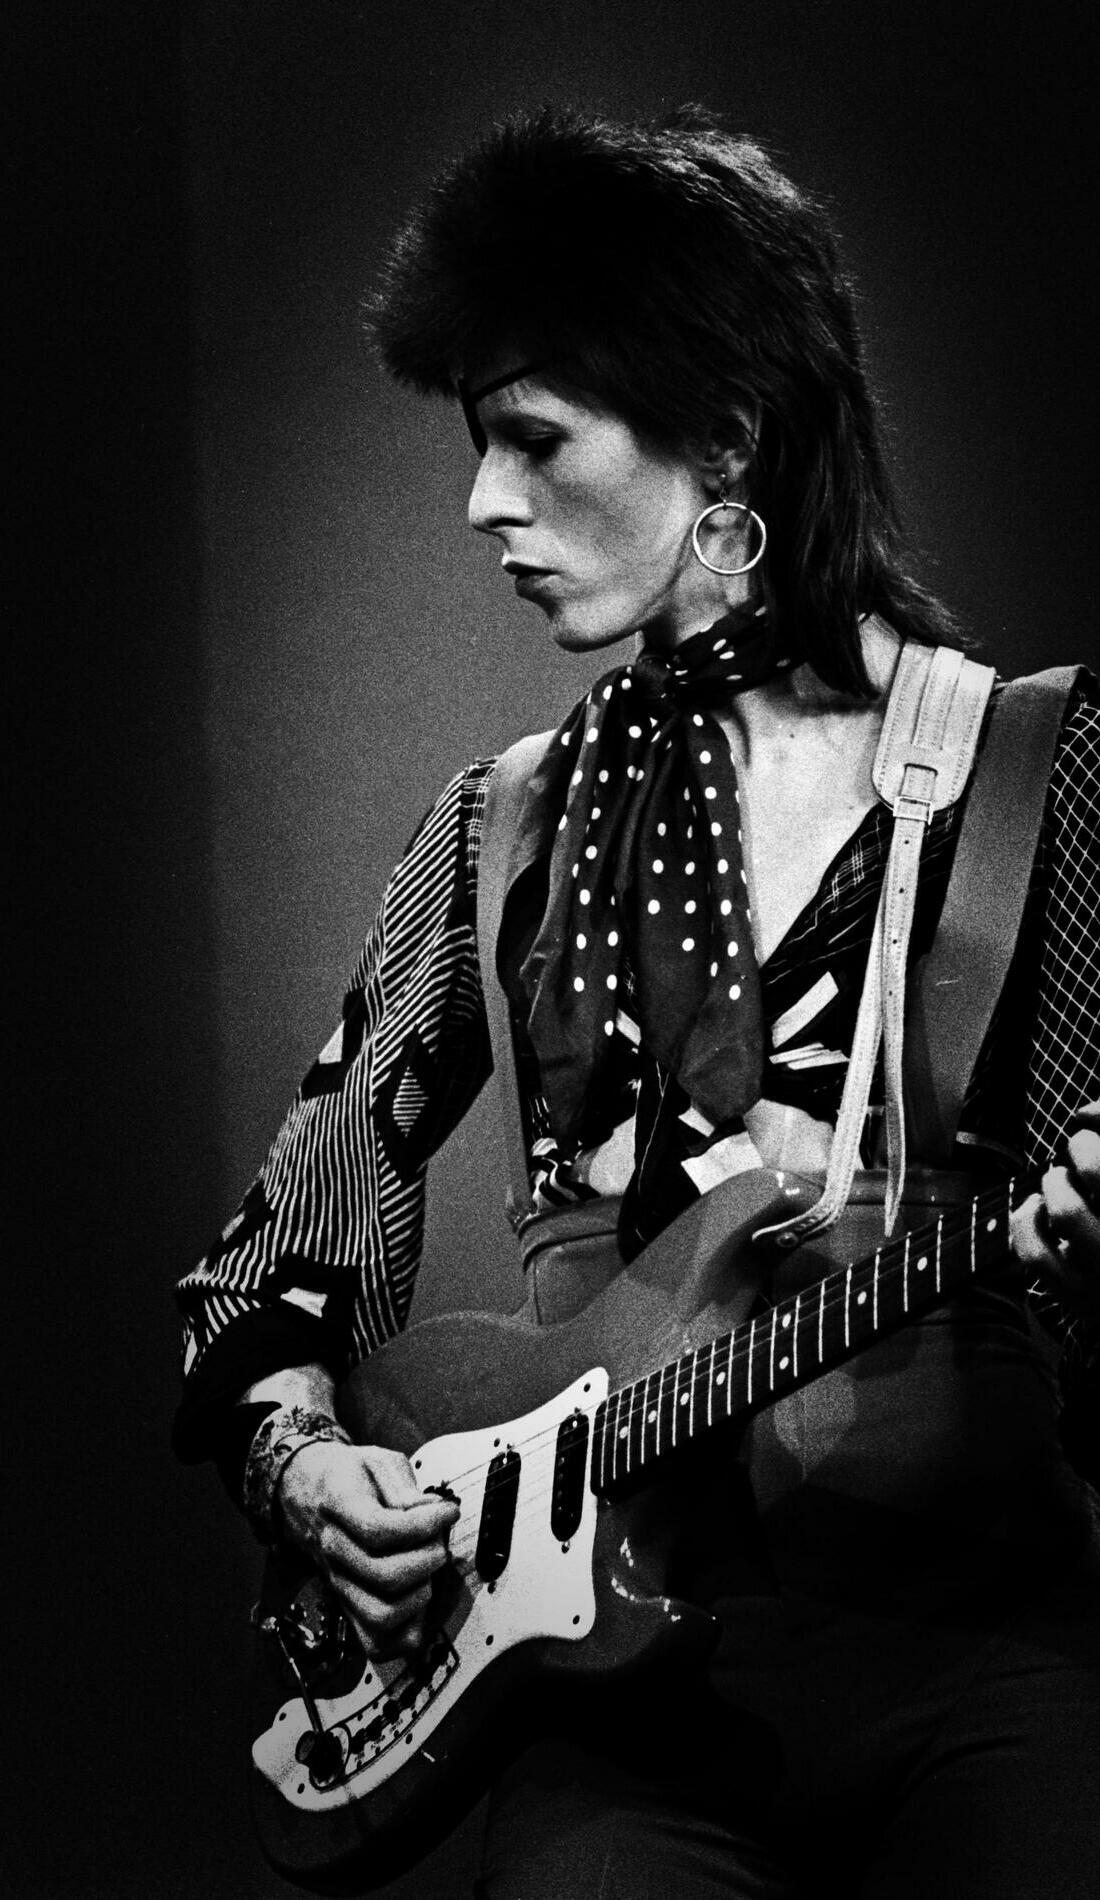 A David Bowie live event